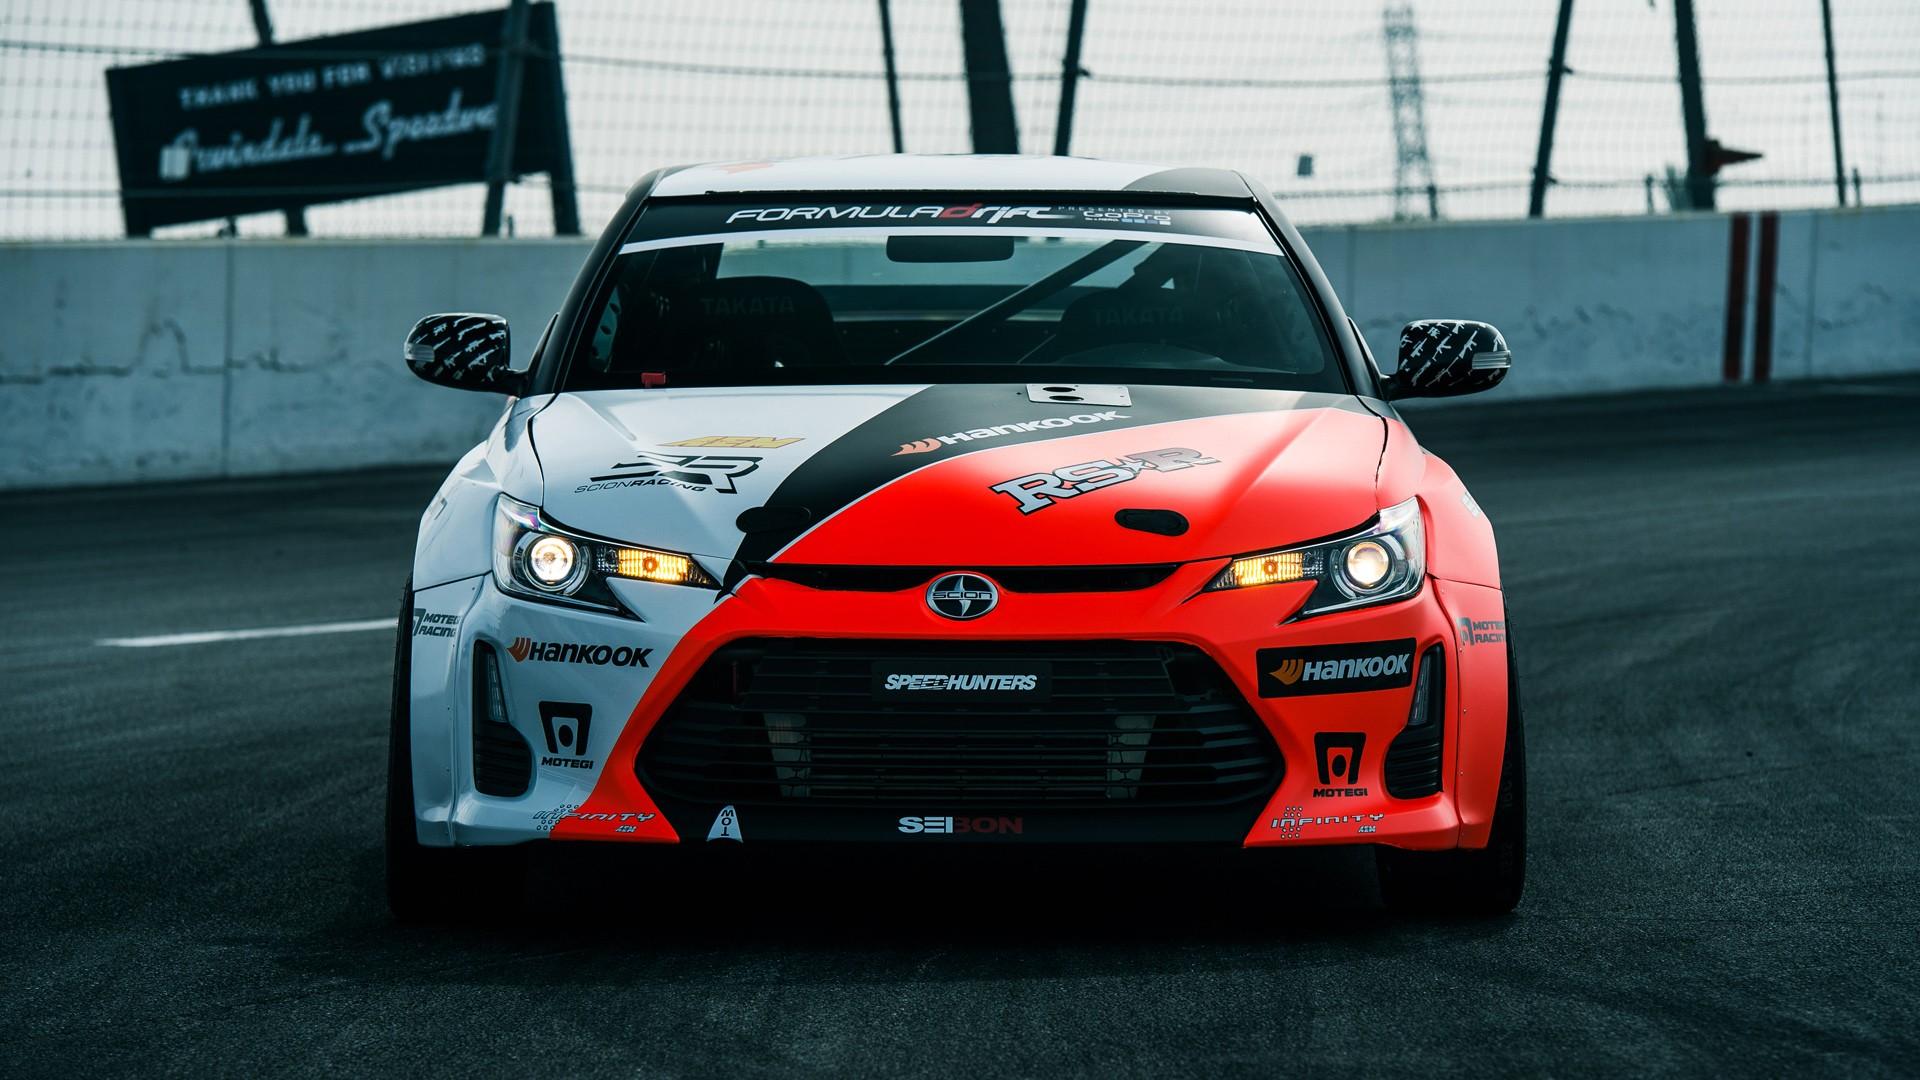 Widebody Drift Car Wallpaper 2013 Formula D Scion Tc Wallpaper Hd Car Wallpapers Id